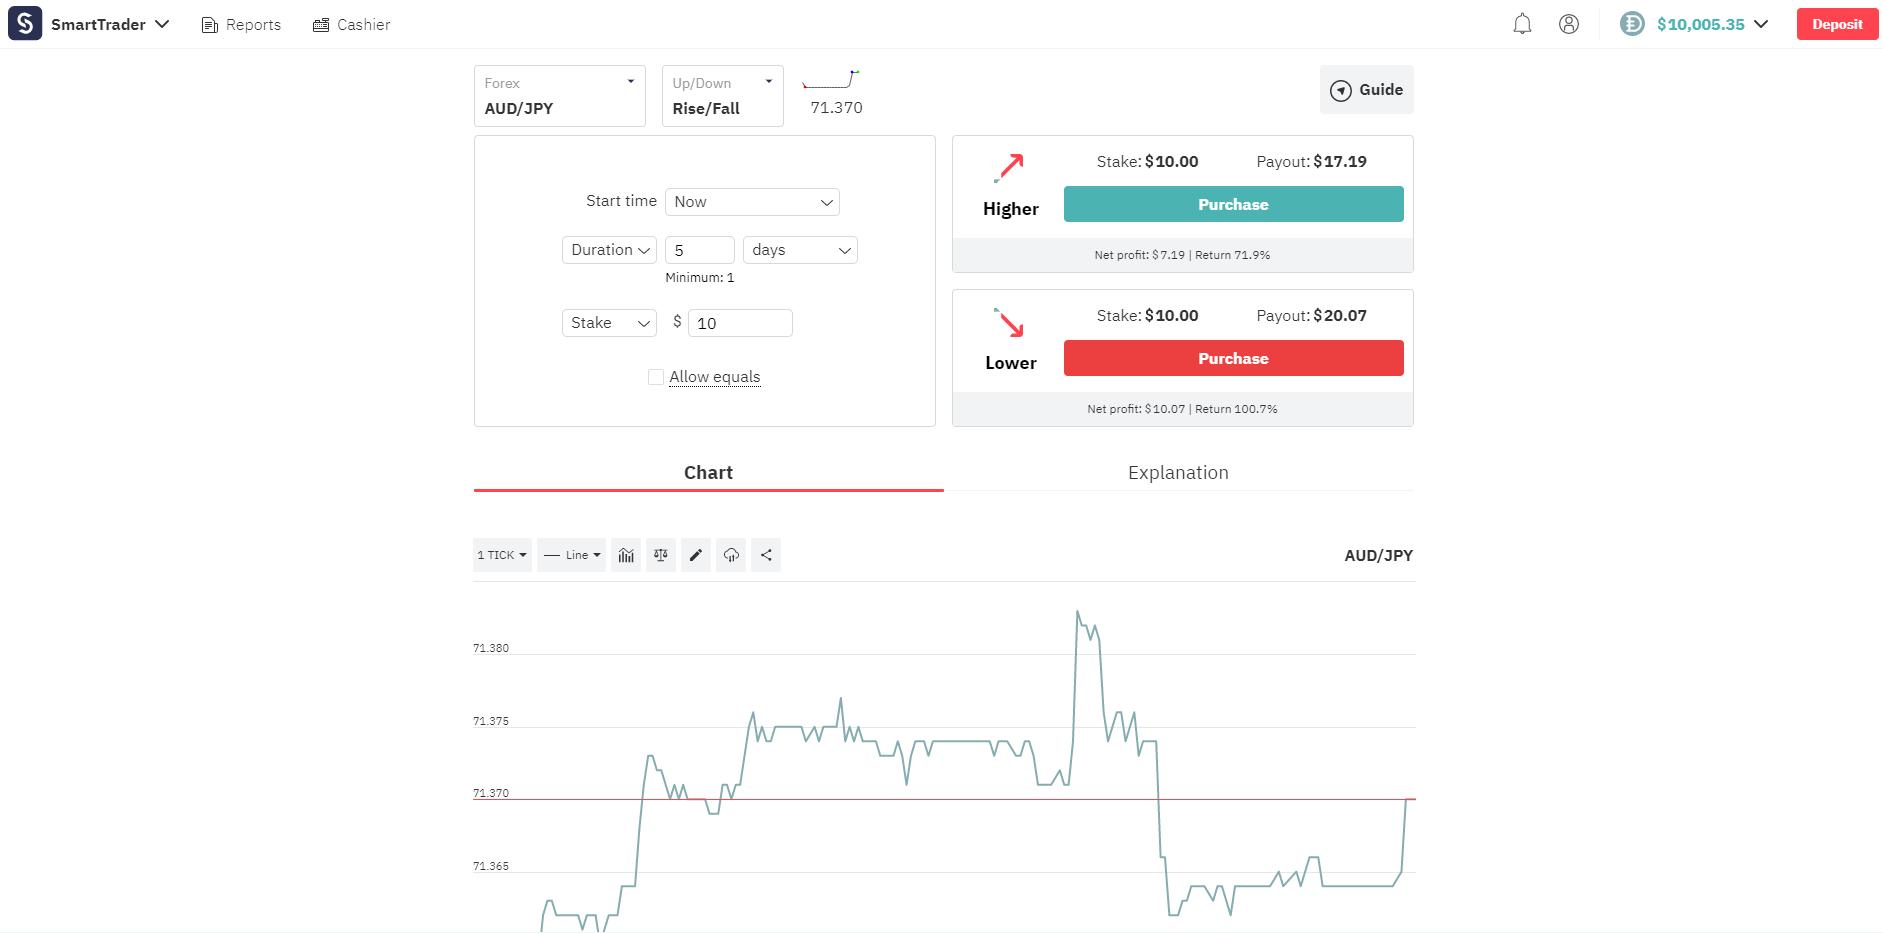 Bináris FOREX + befizetést nem igénylő kezdőtőke nélküli ingyenes nodeposit bónuszok listája